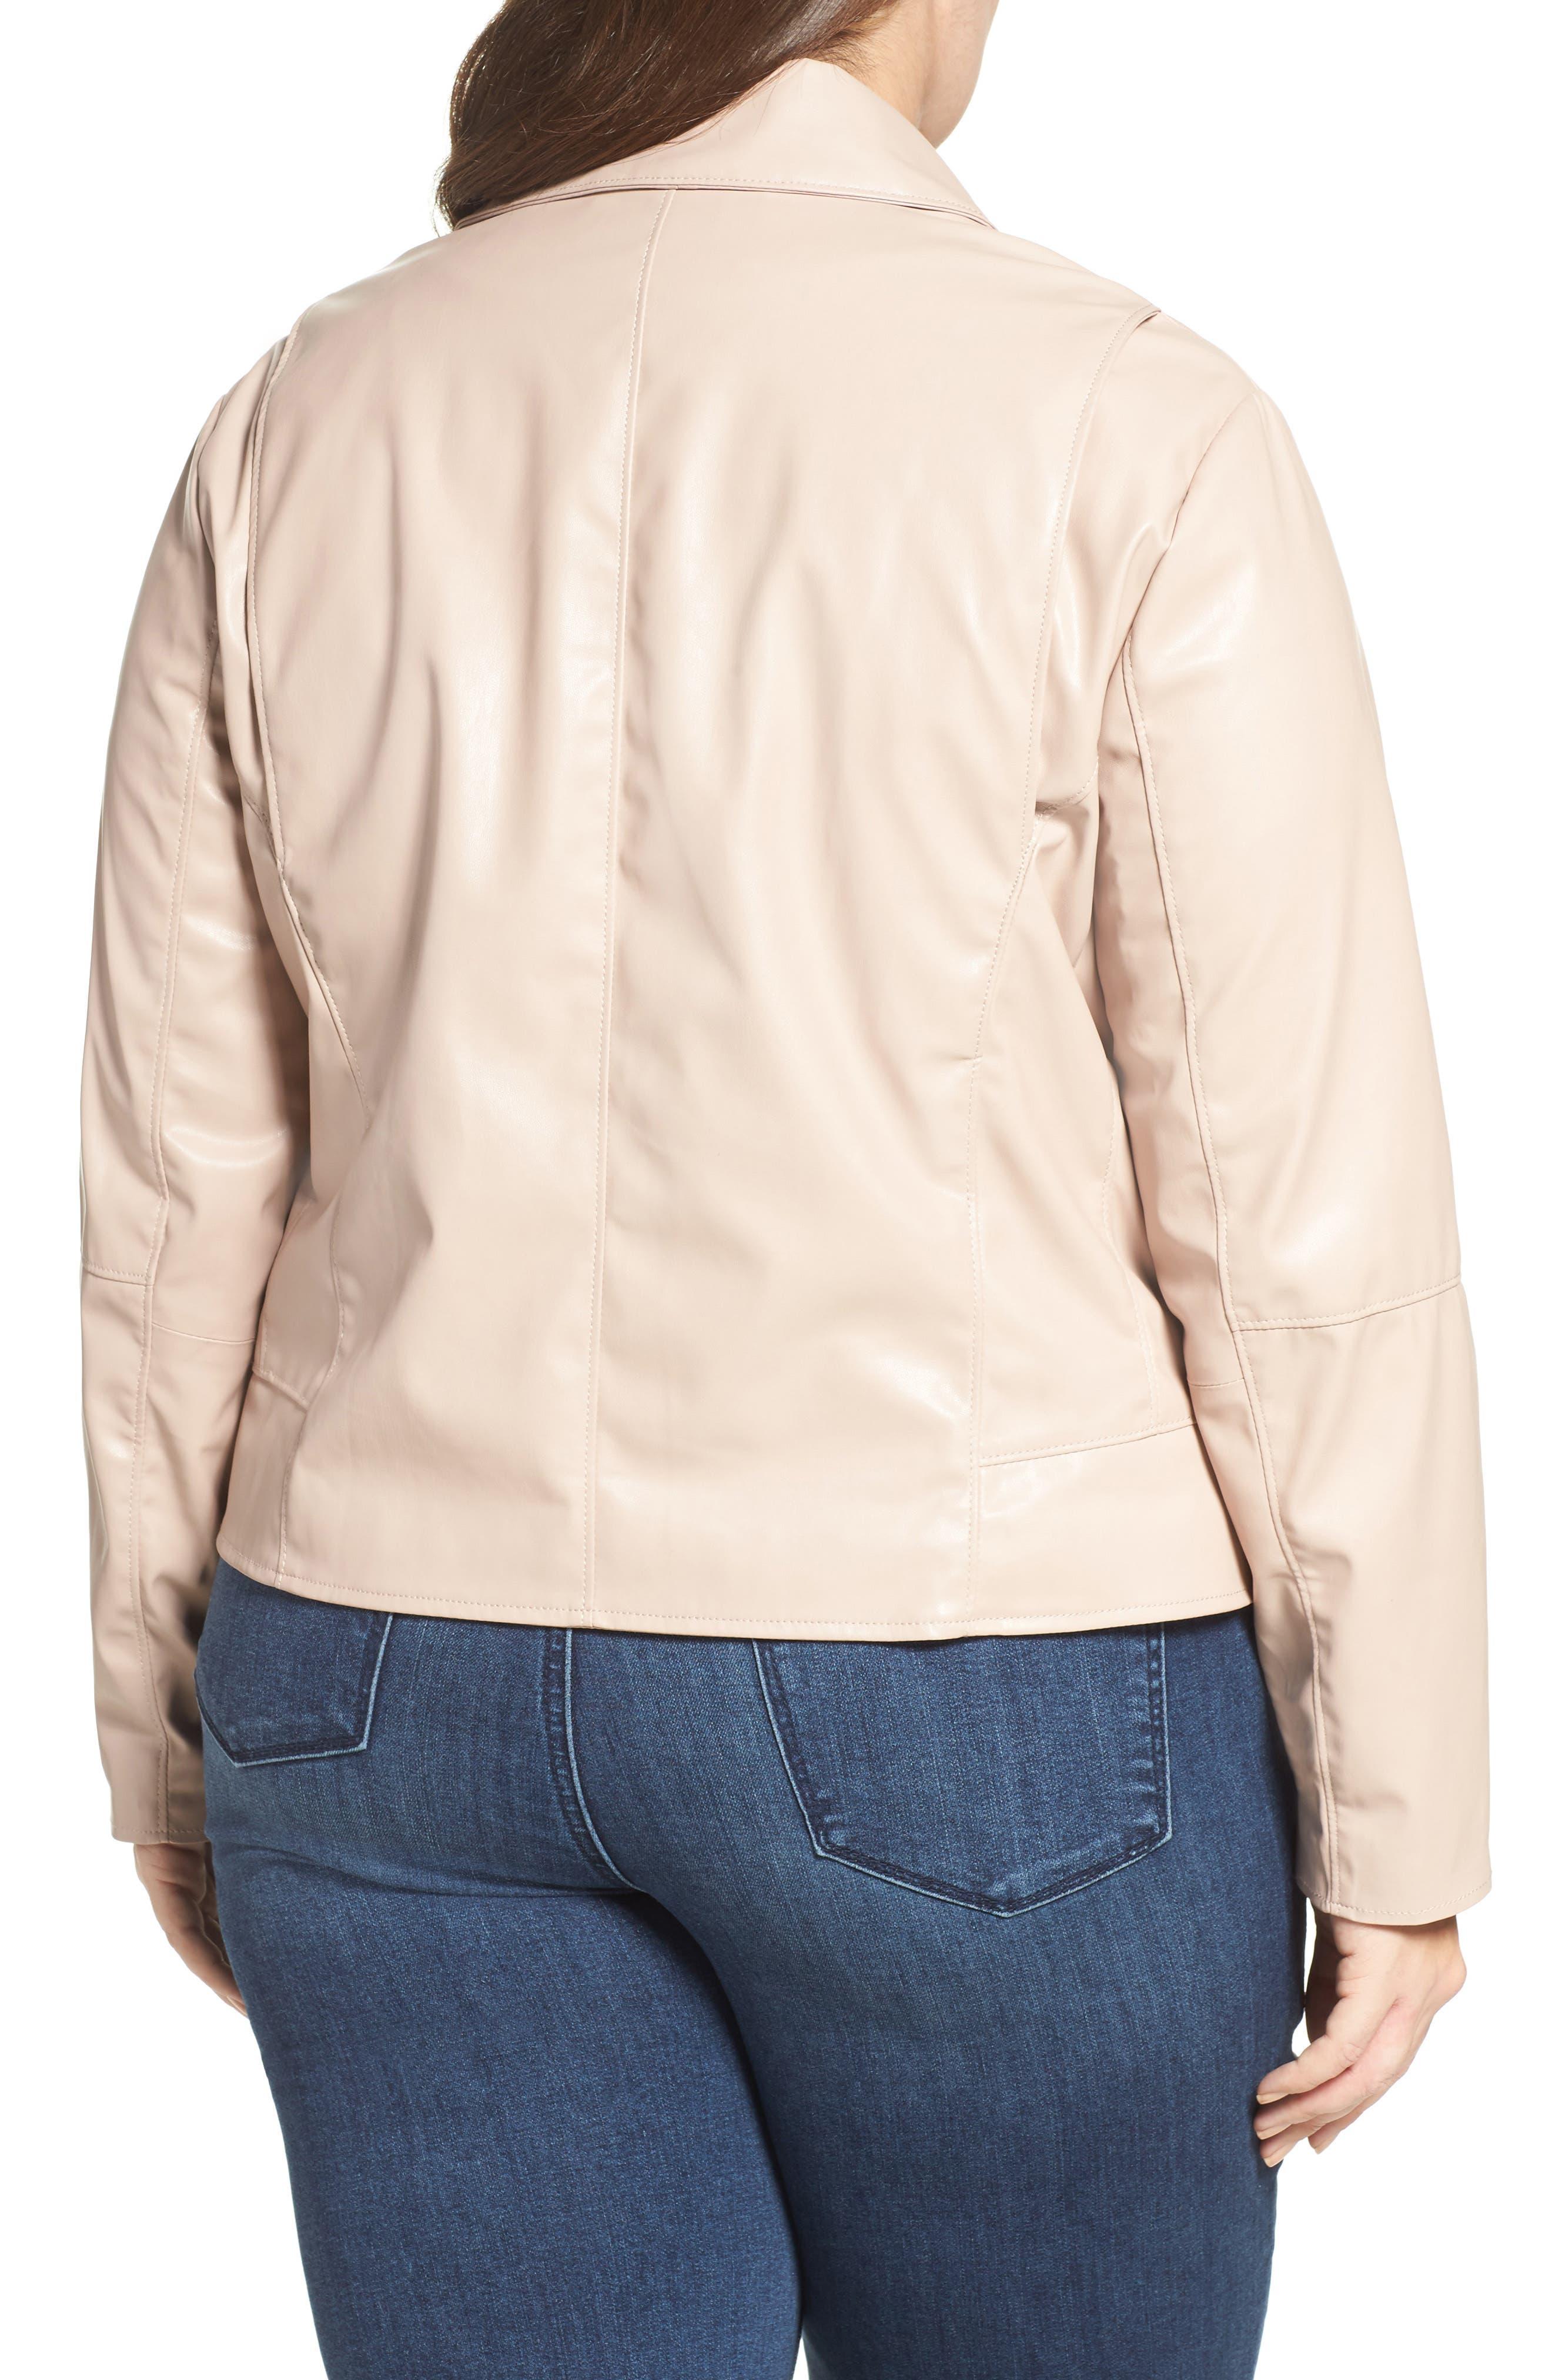 Mollie Faux Leather Jacket,                             Alternate thumbnail 2, color,                             Rose Dust